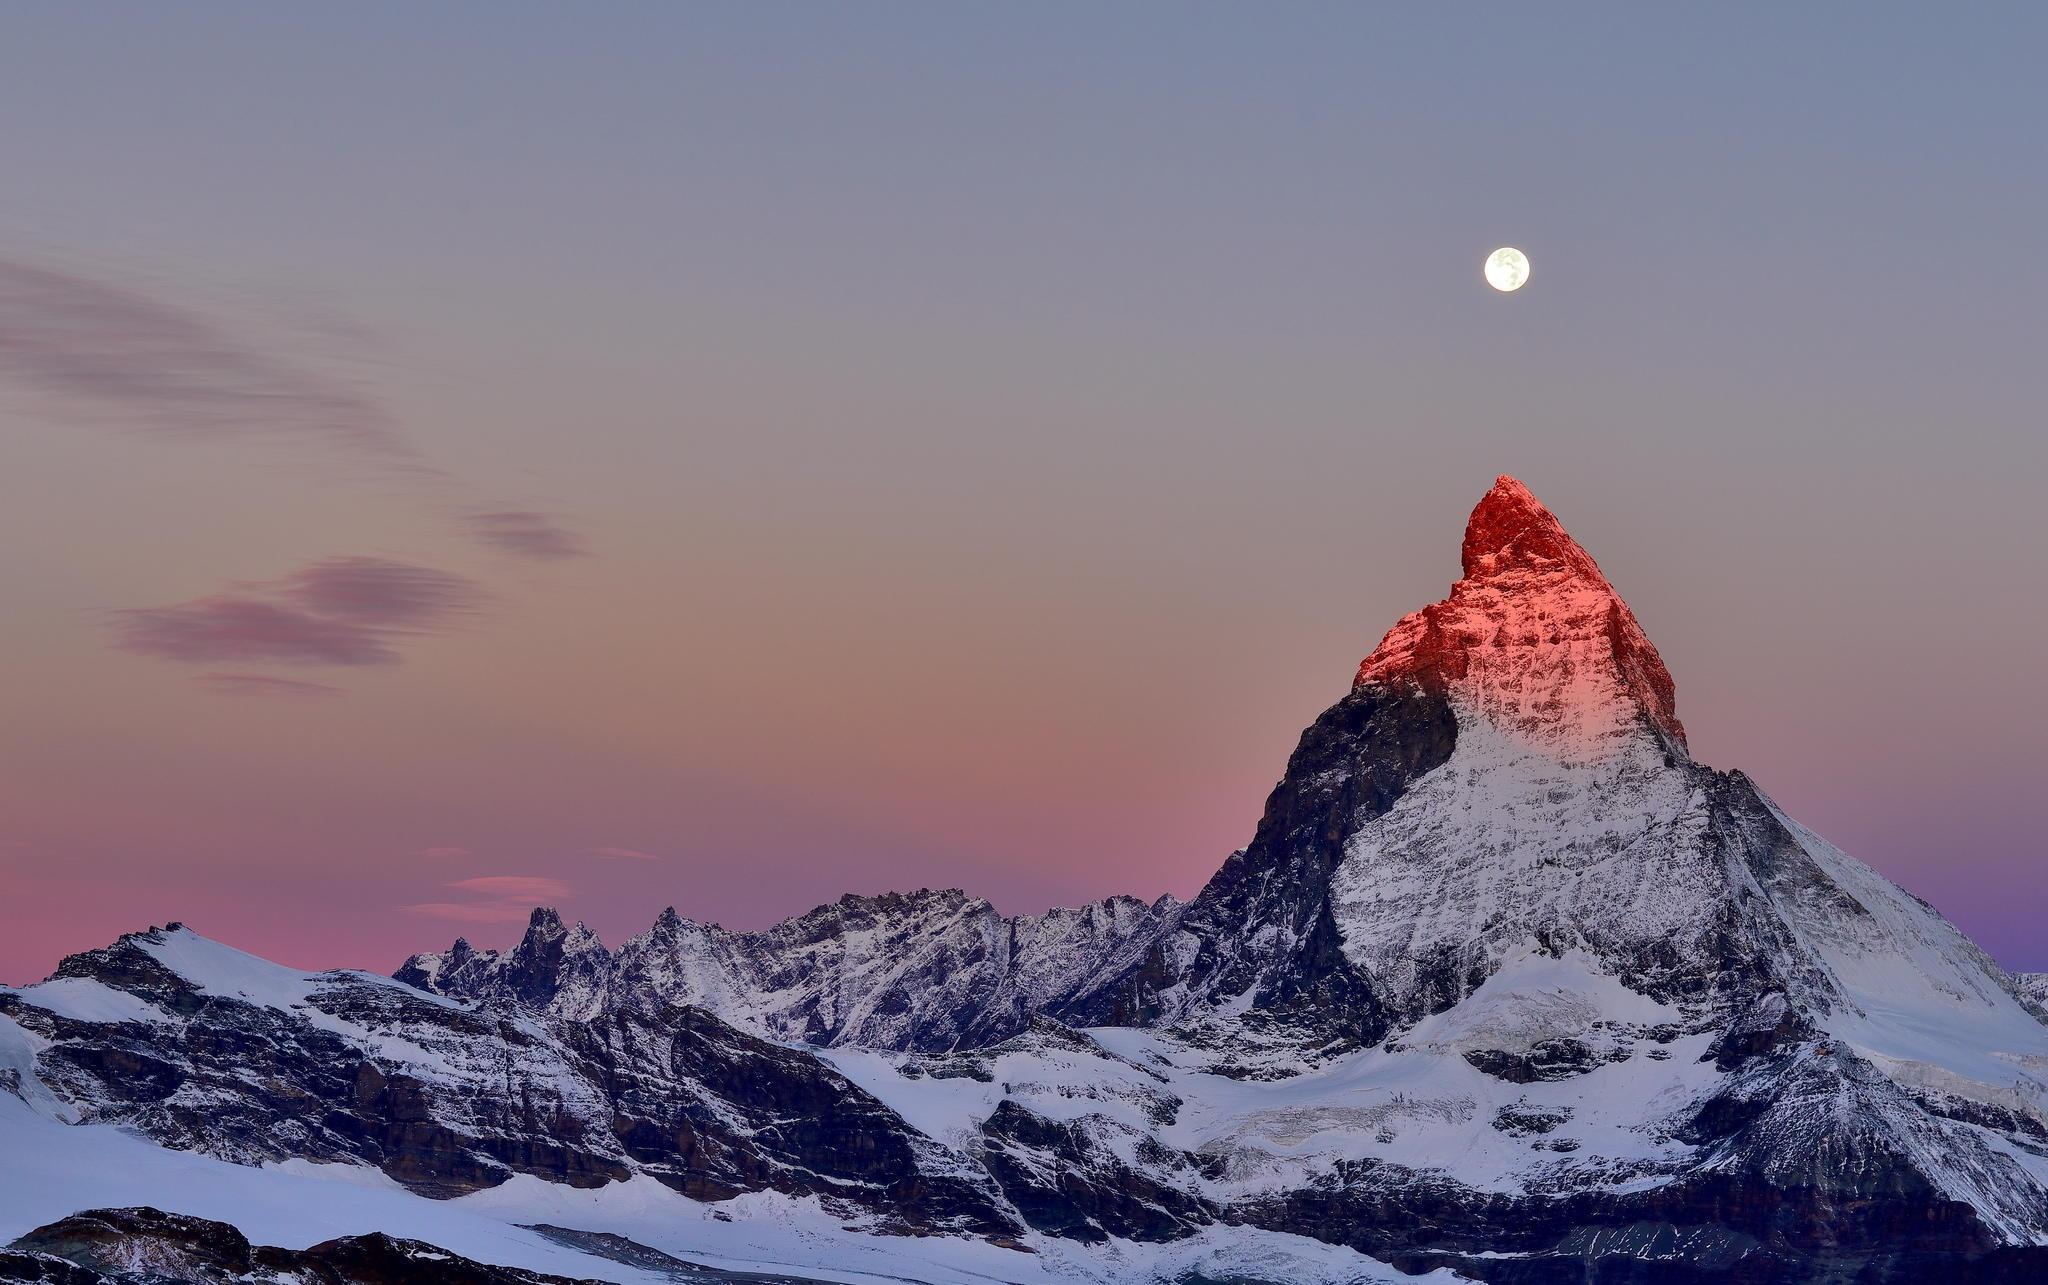 К чему снится на горе зеленая вершина